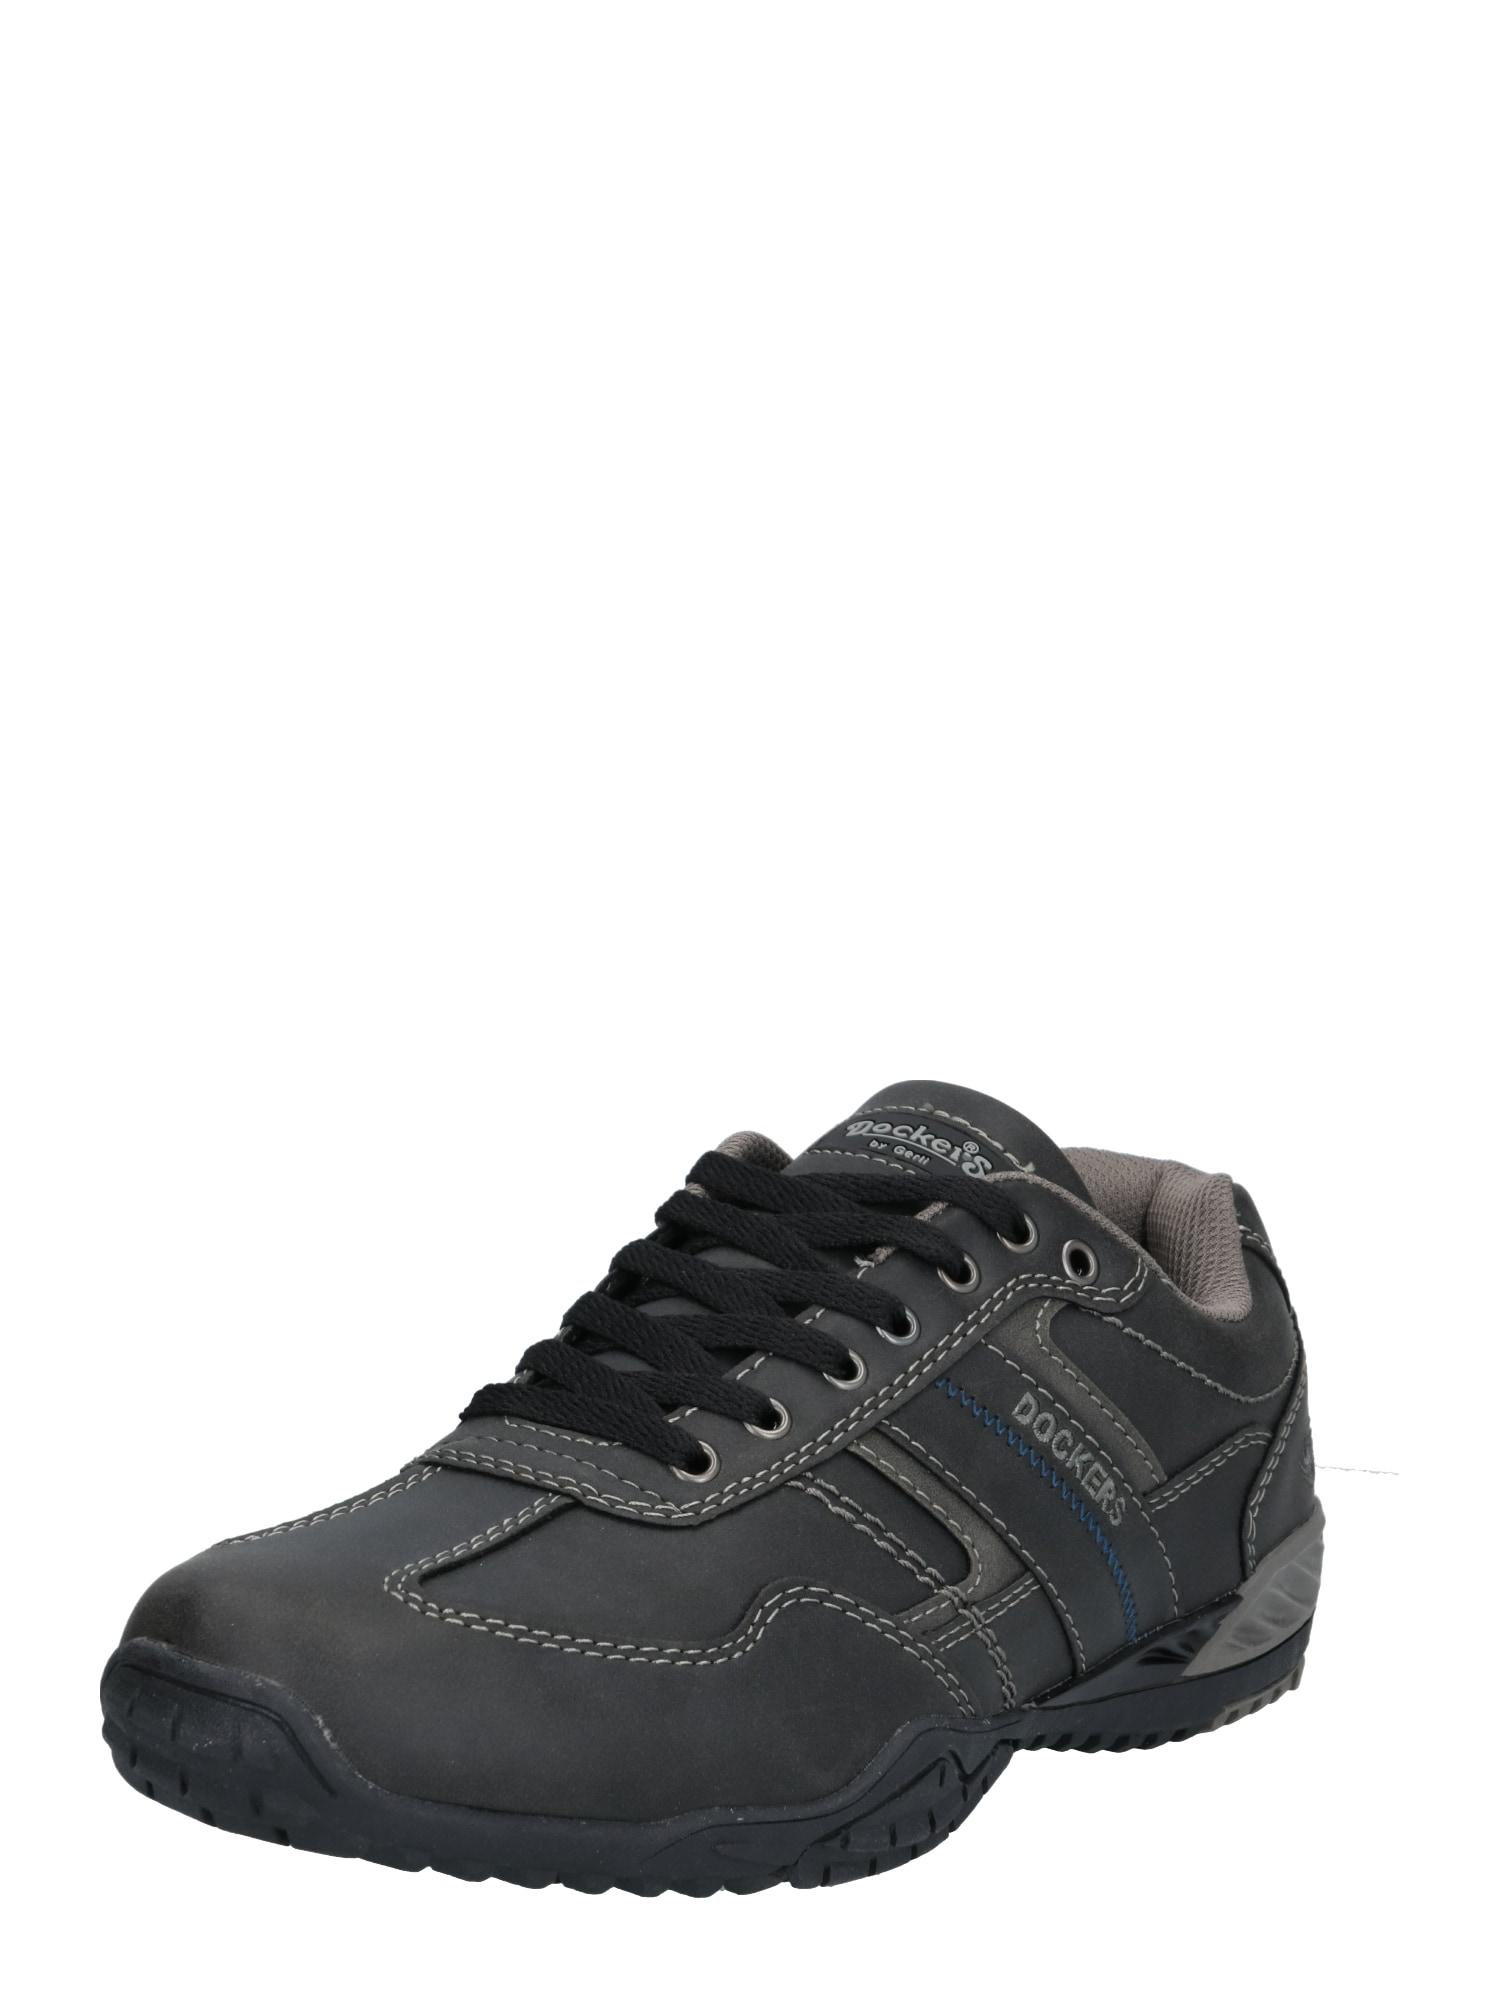 Dockers by Gerli Sportinio stiliaus batai su raišteliais tamsiai pilka